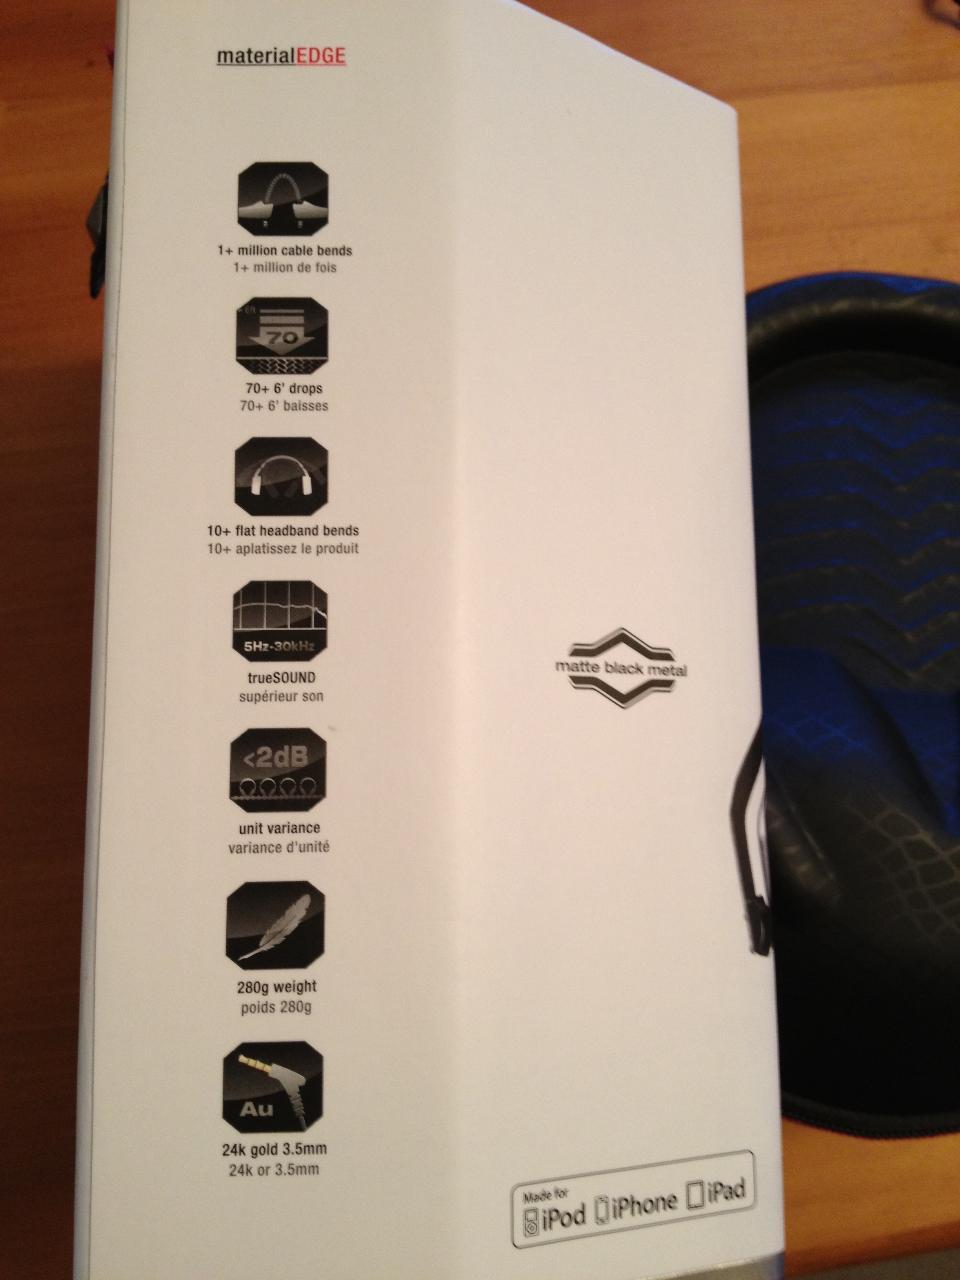 V-Moda Crossfade LP2, the box